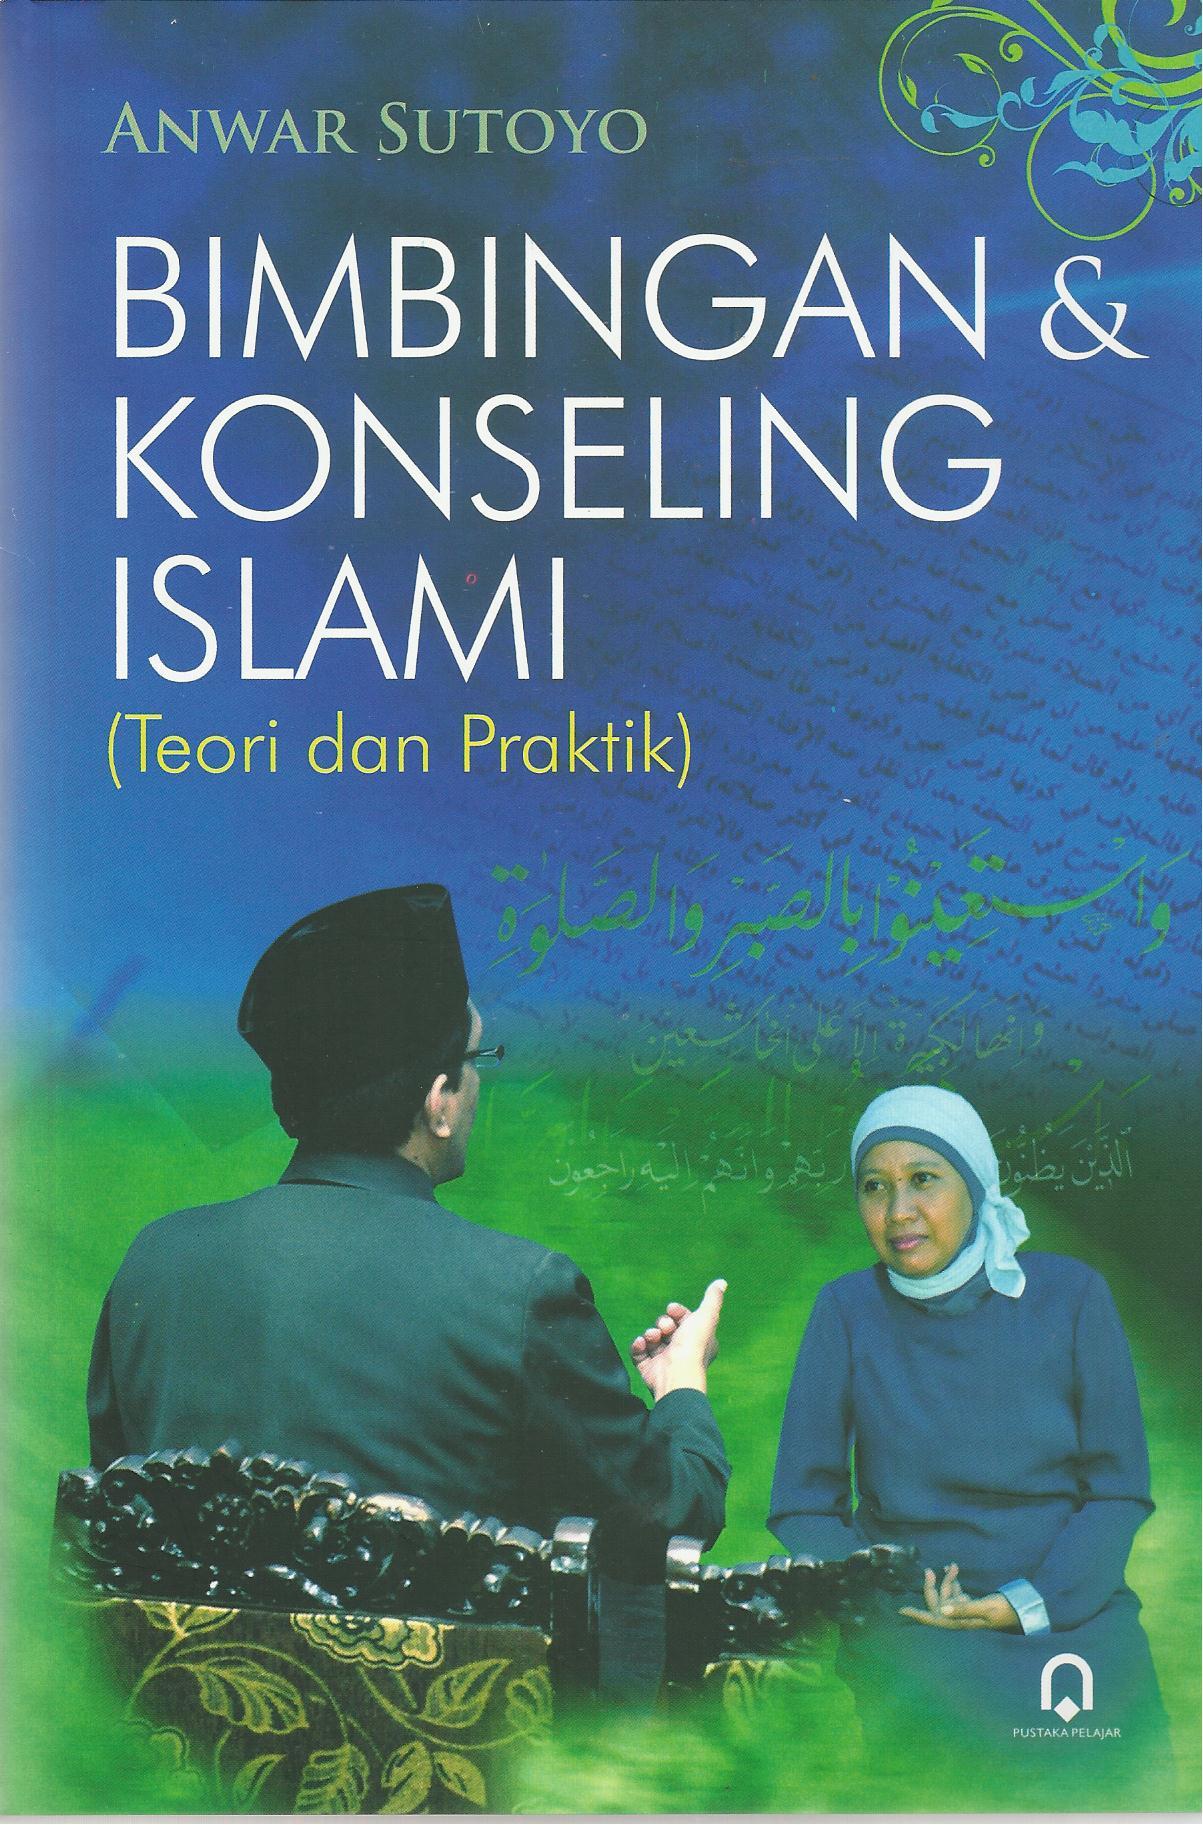 Bimbingan dan Konseling Islami (Teori dan Praktik)